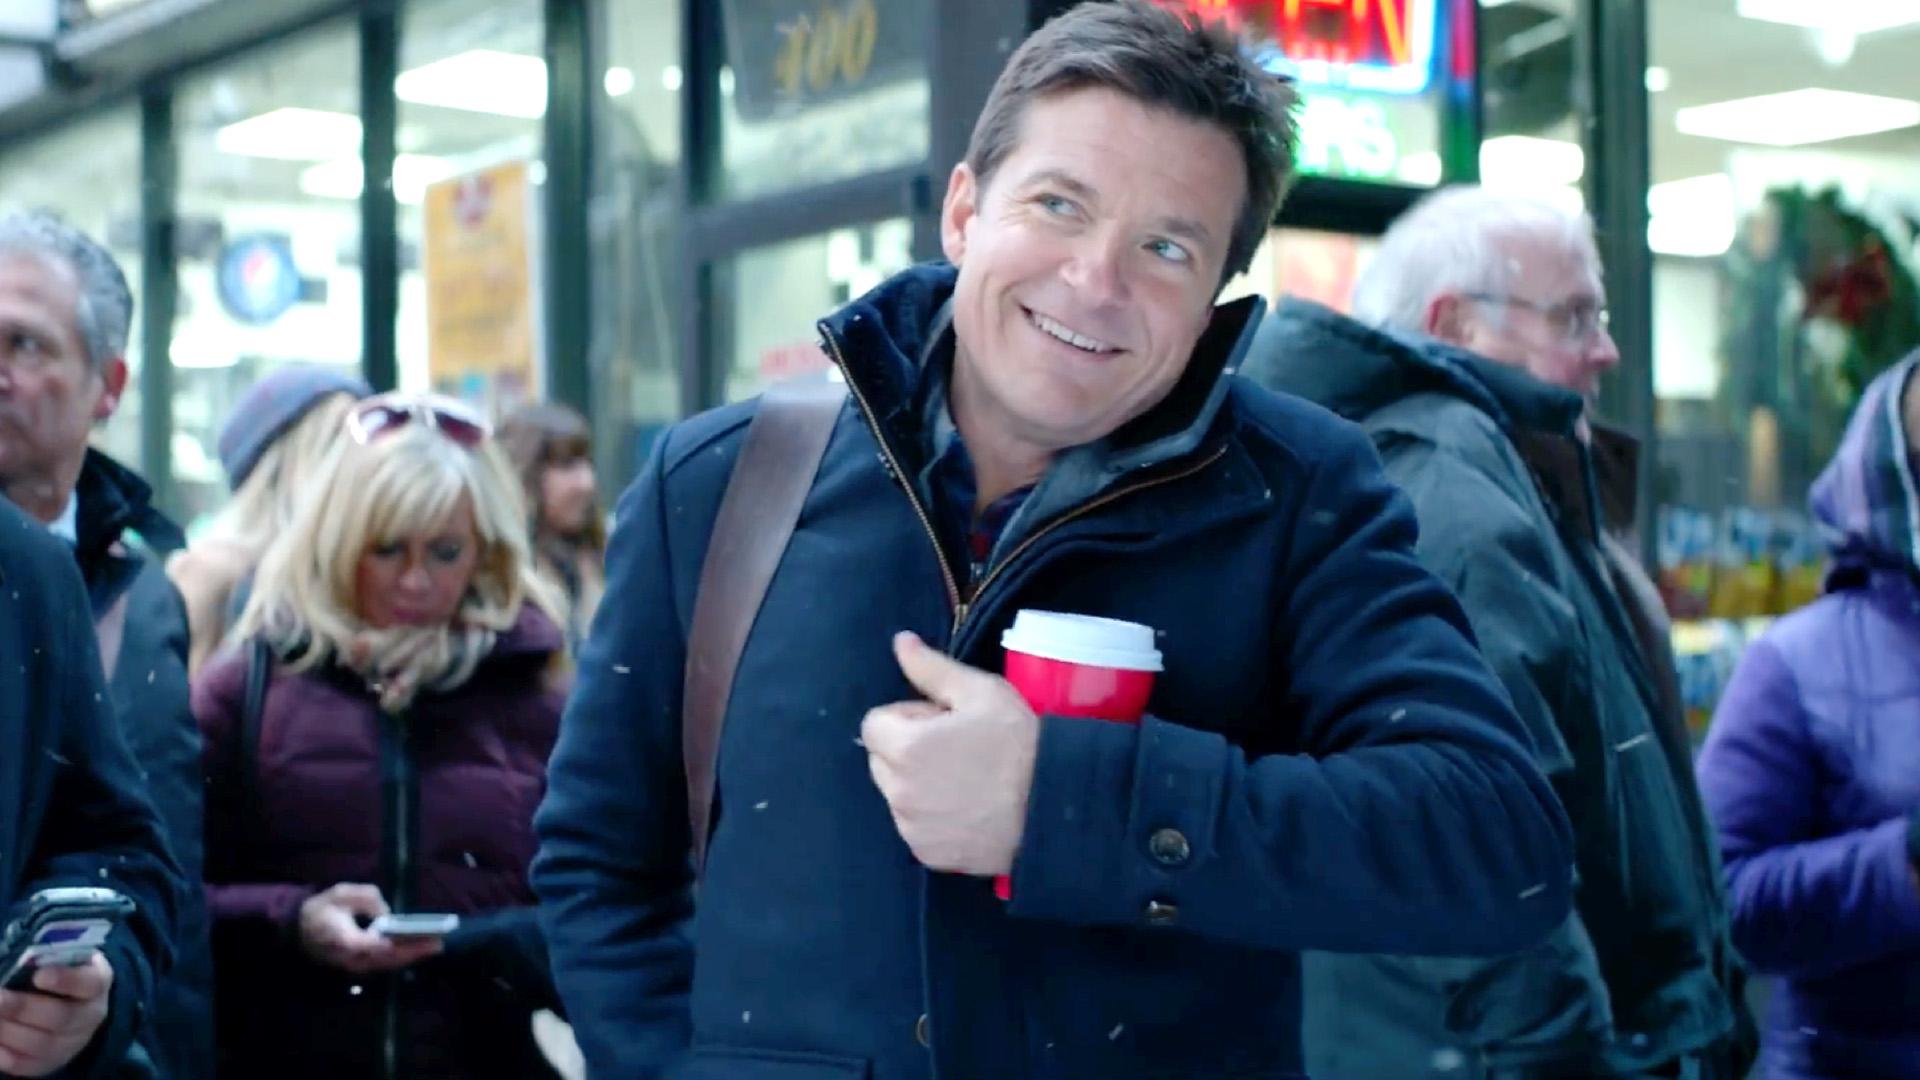 Office Christmas Party: Office Christmas Party Movie Clip - Santa ...